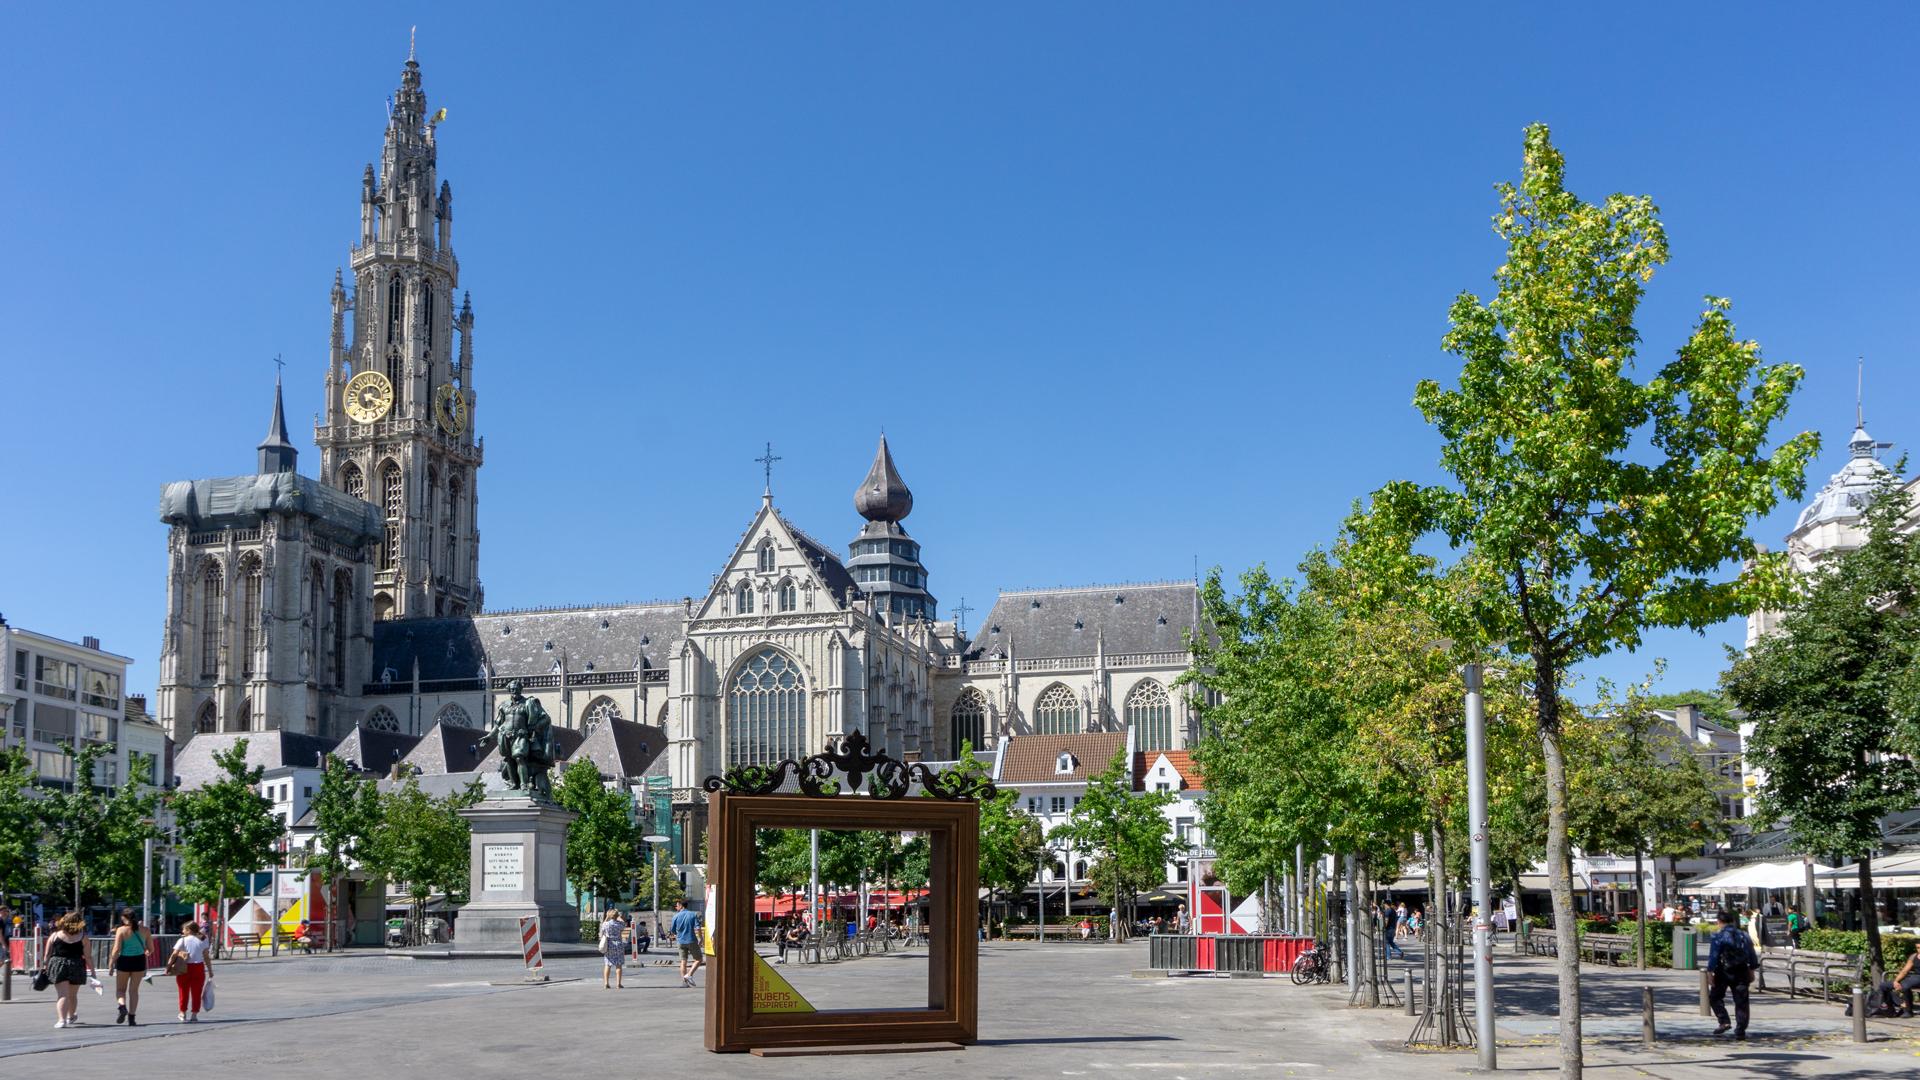 Reisefotografie - Belgien - Antwerpen